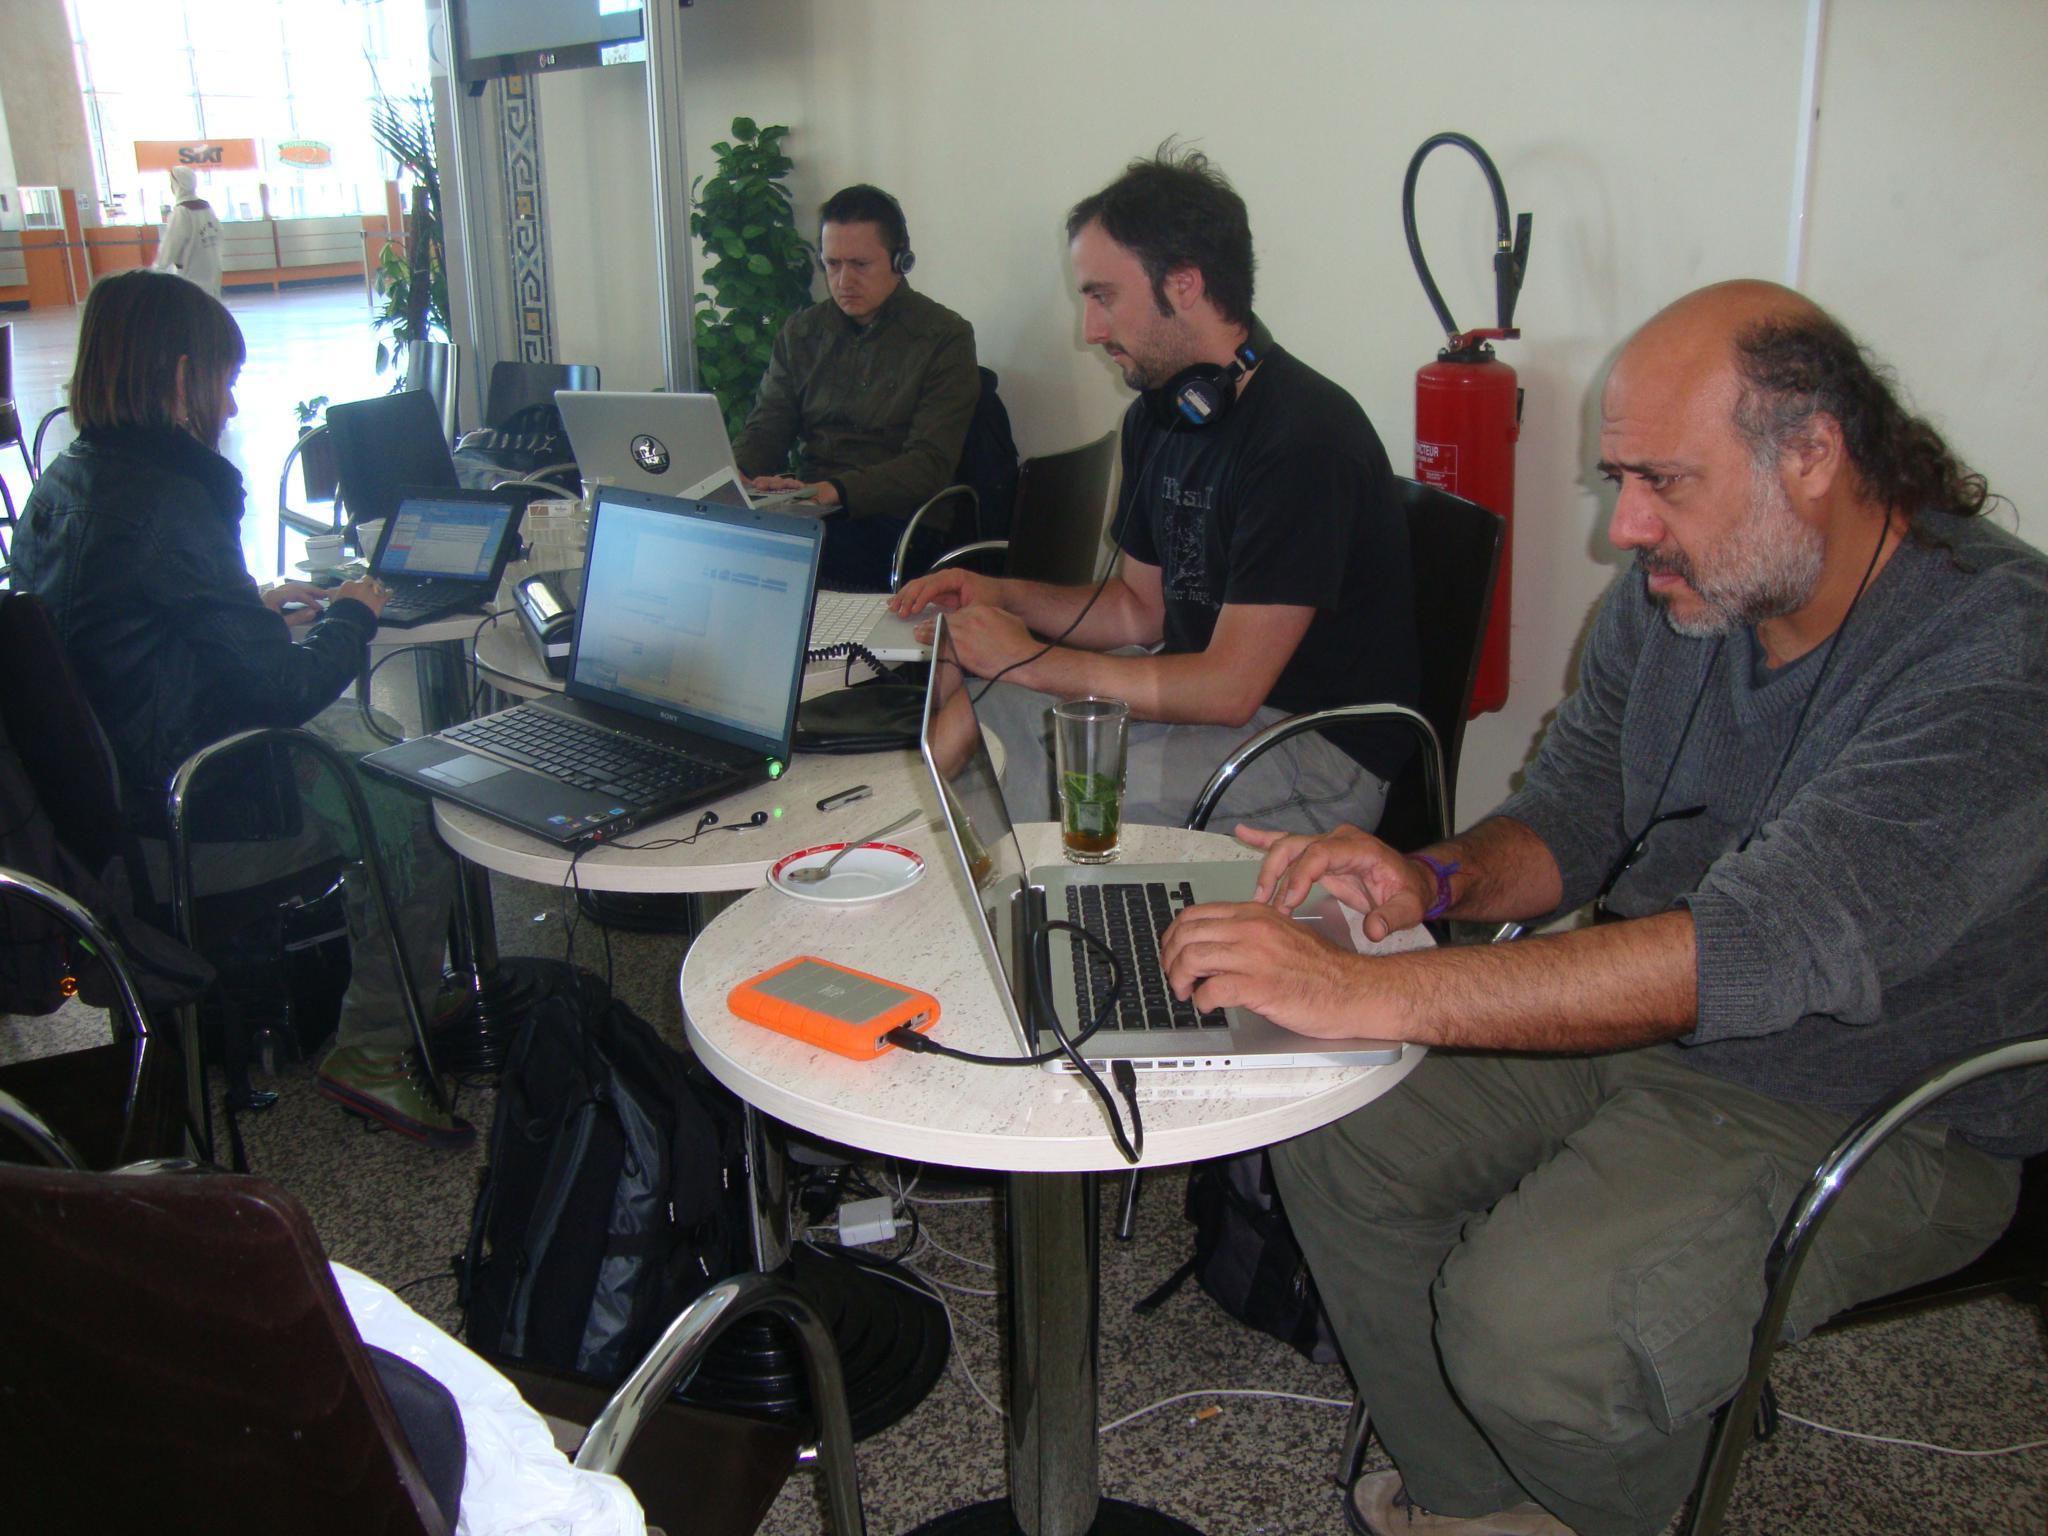 Oficina en el aereopuerto de Tanger2_2048x1536